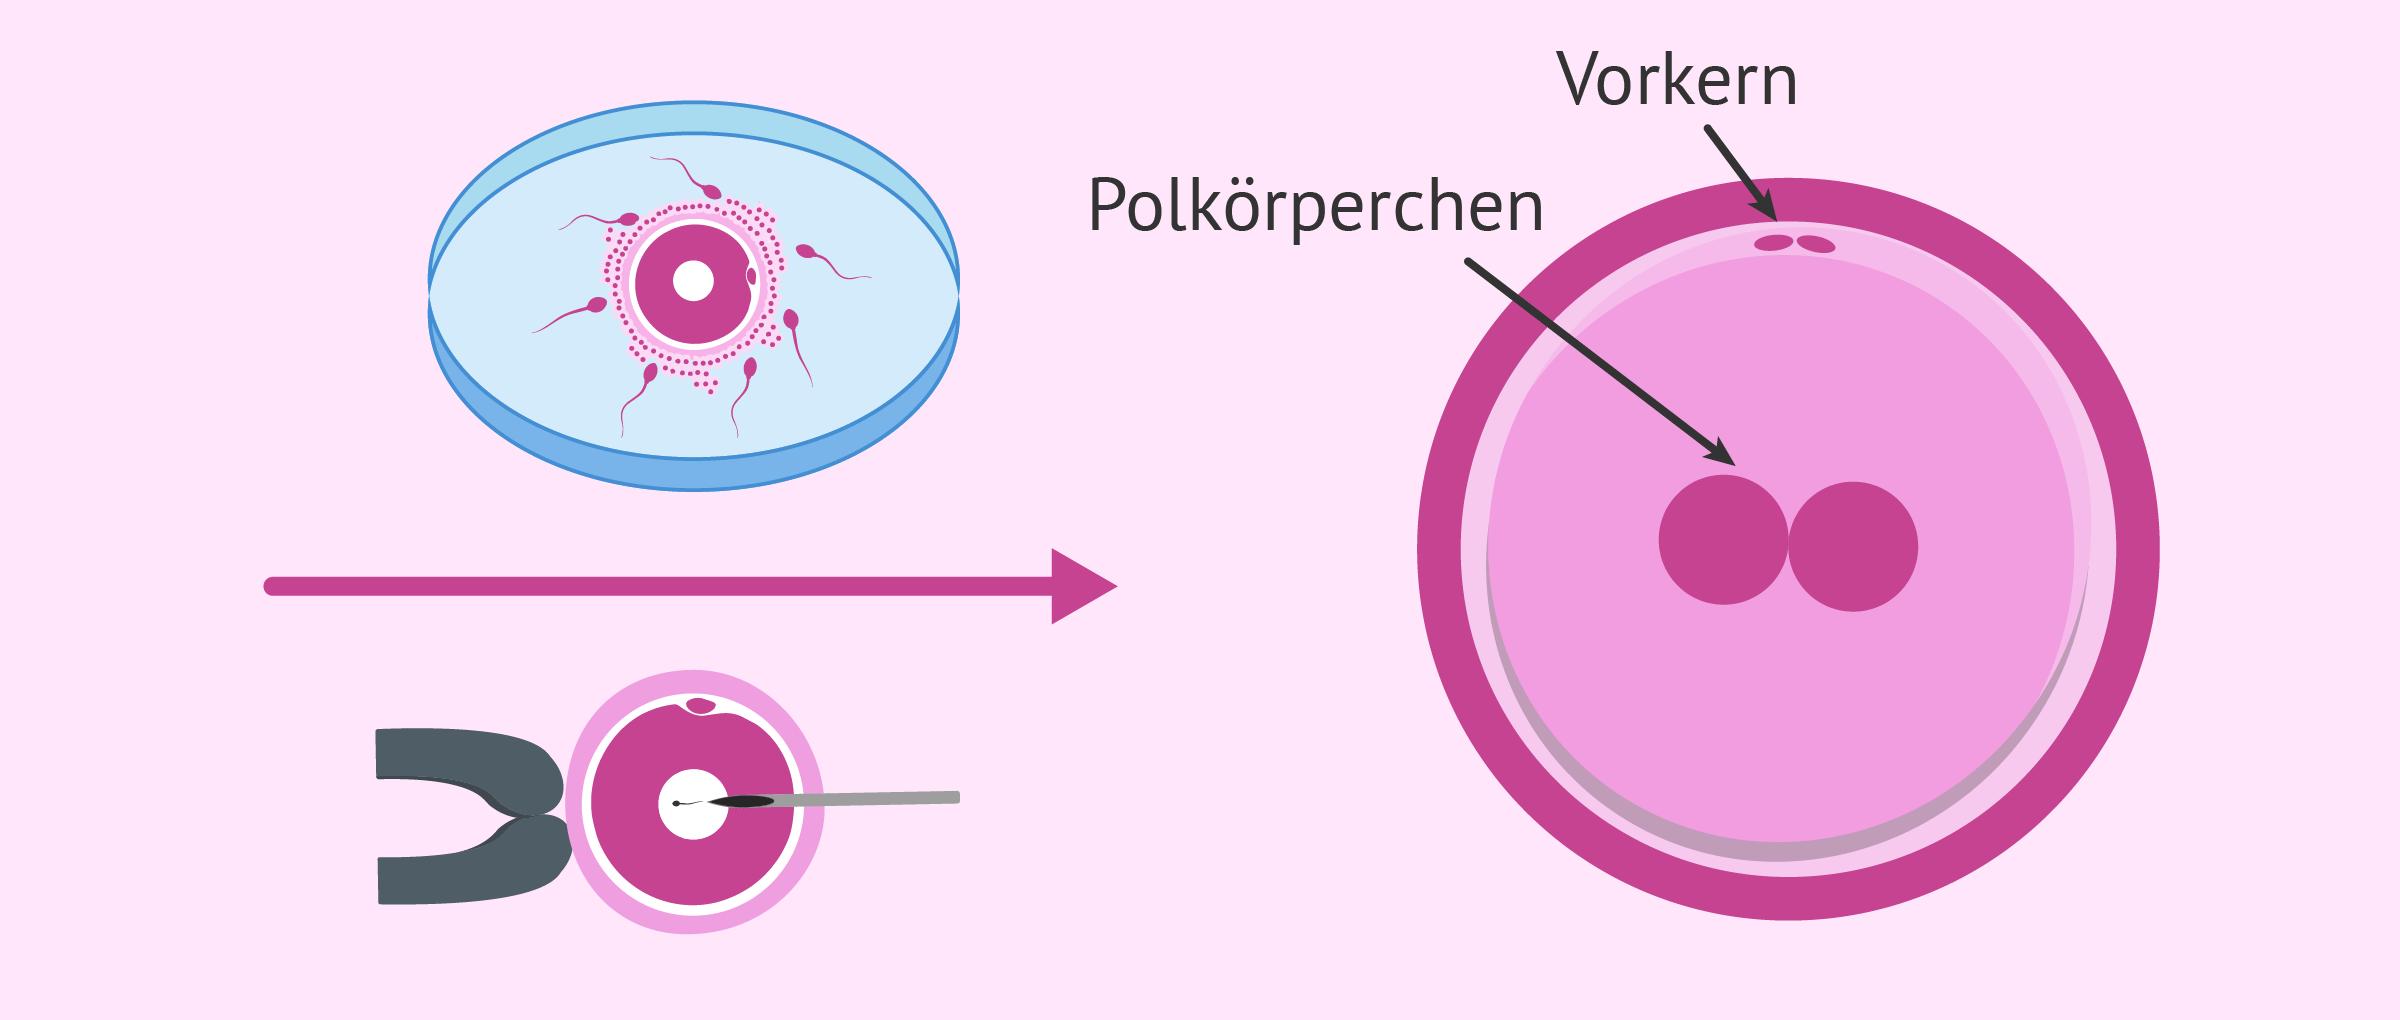 Entwicklung des Embryos am Tag 1: Die Zygote